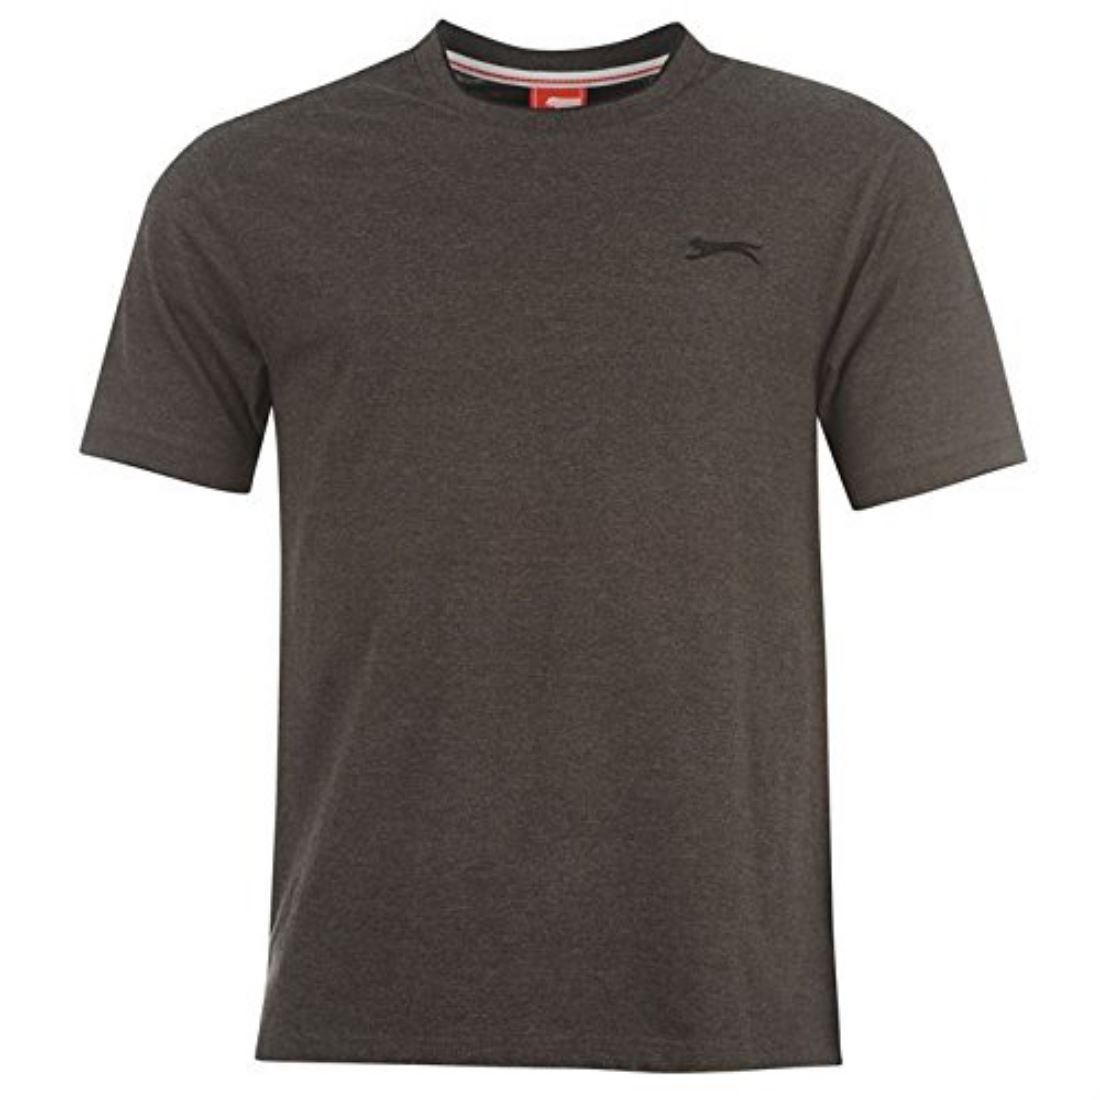 Slazenger Mens Plain Tipped Sport Short Sleeve Crew Neck T Shirt Tee